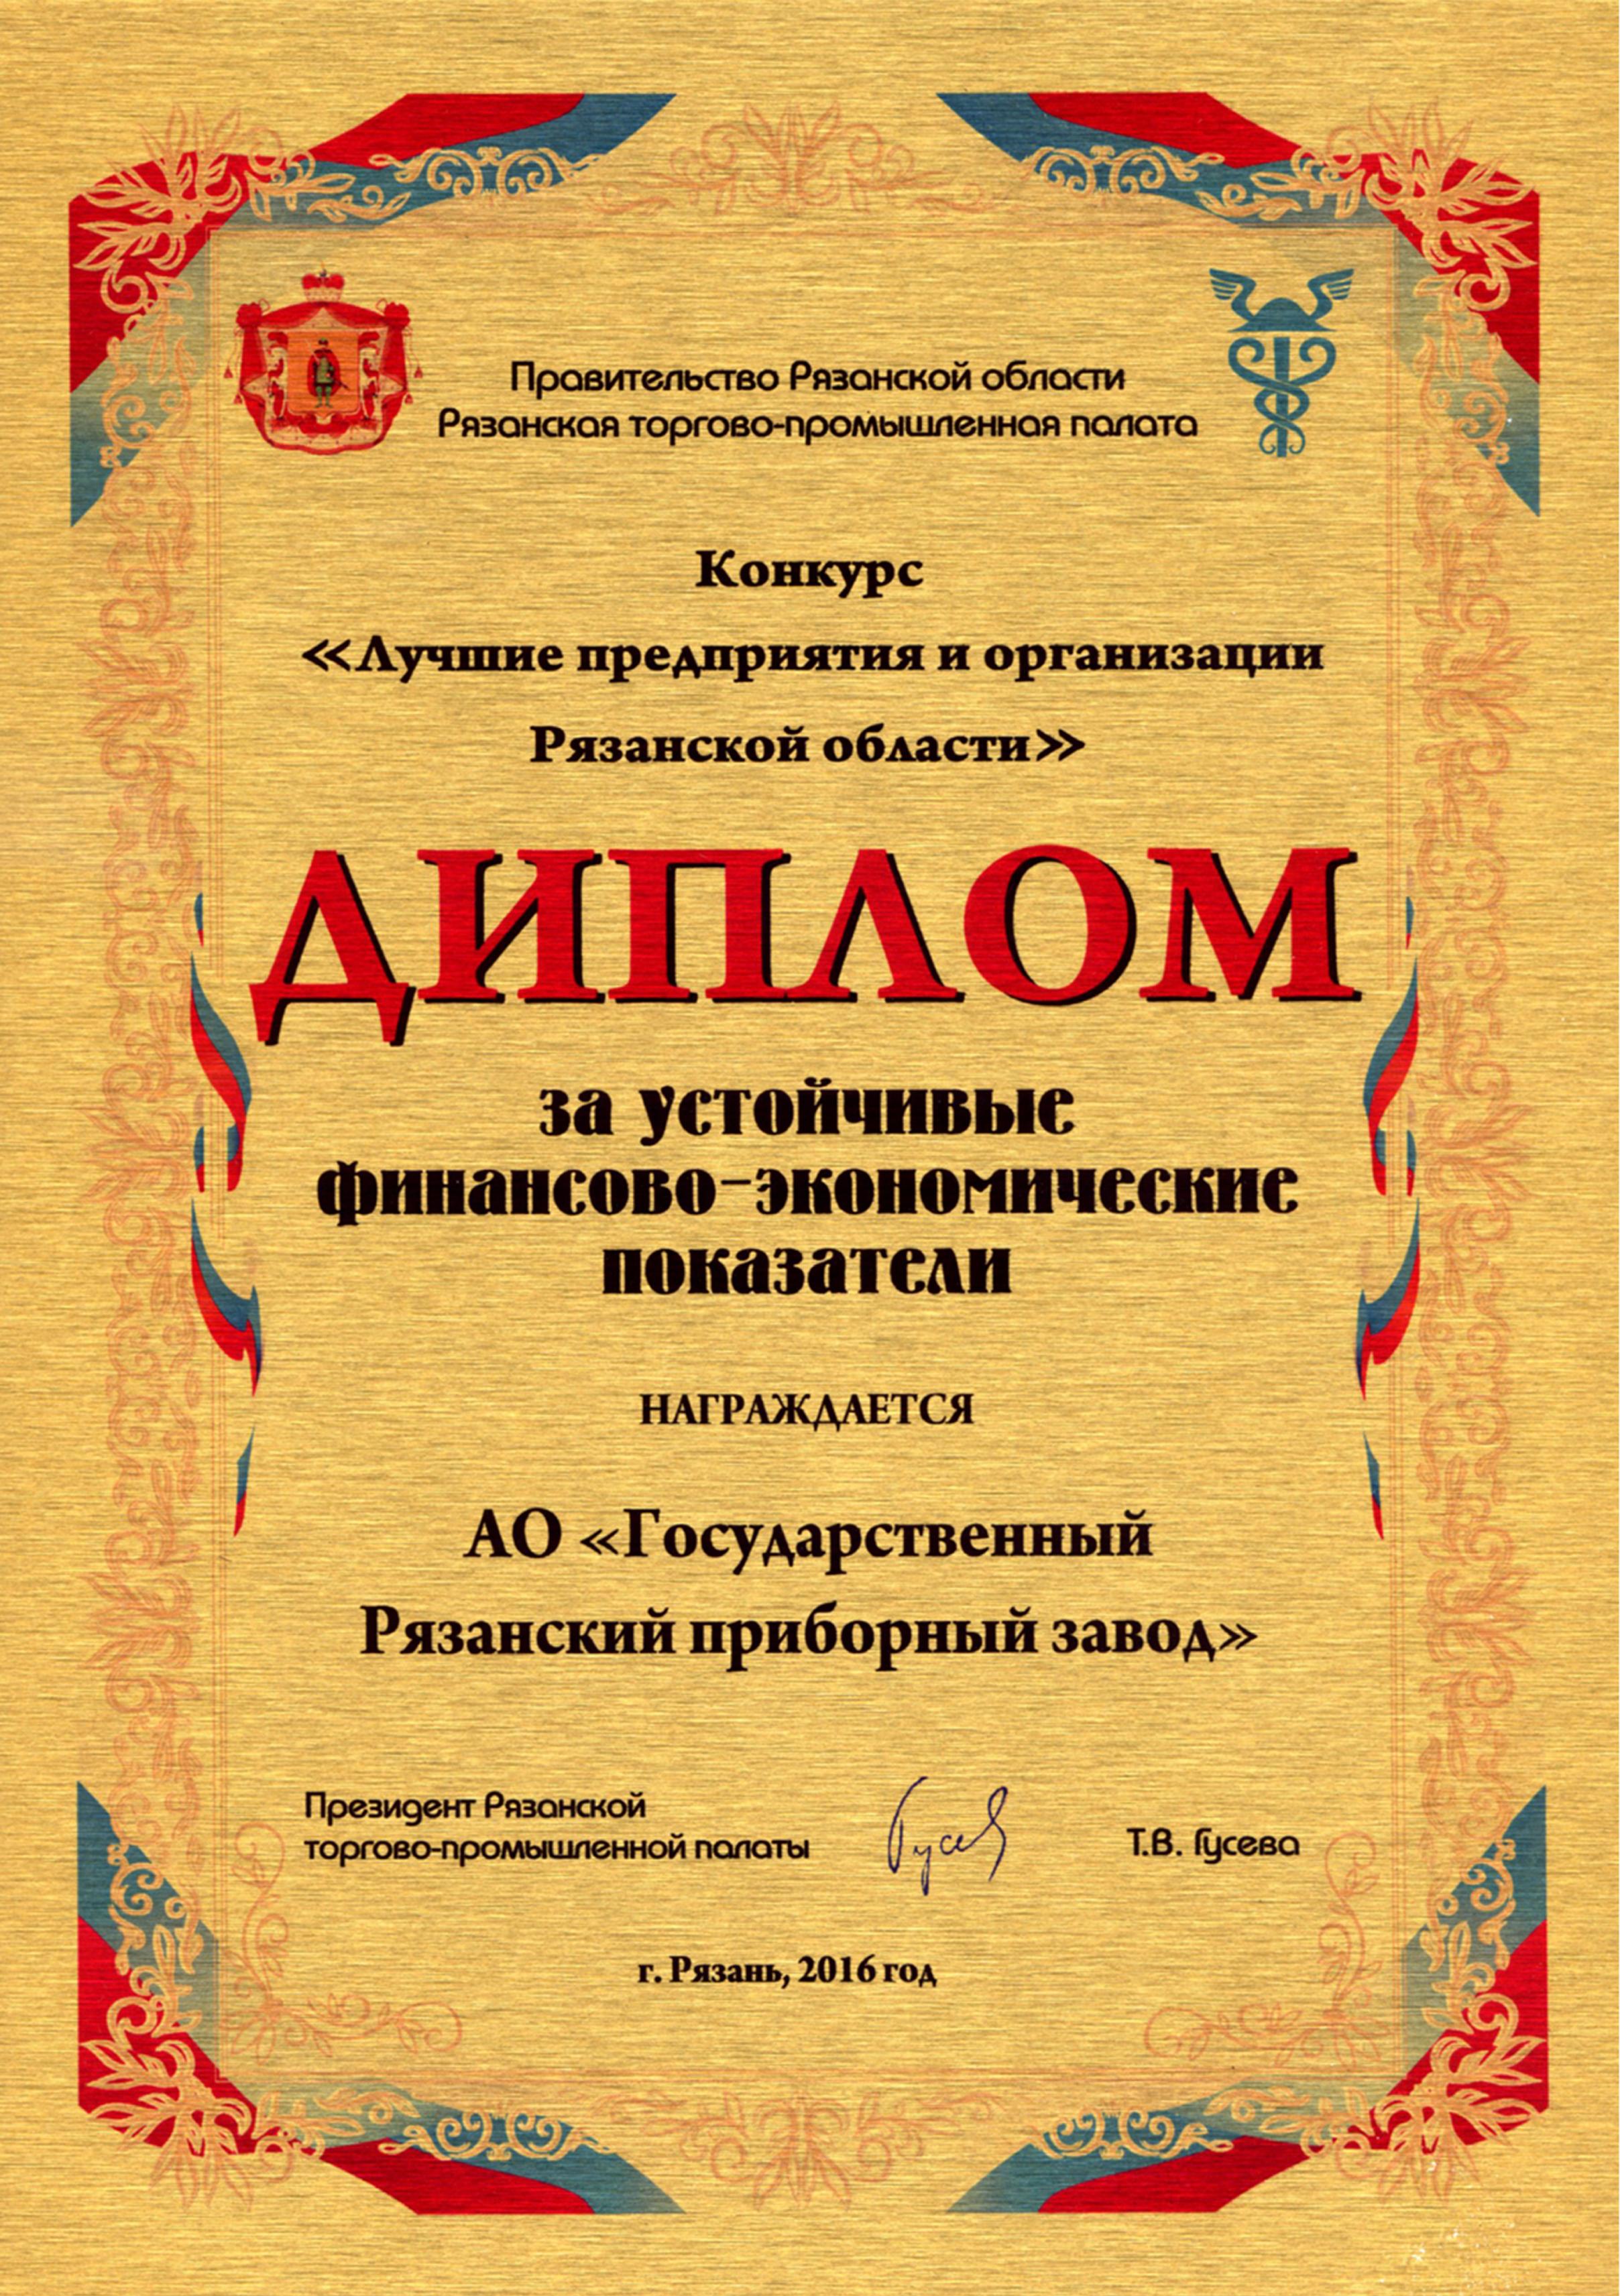 Награды и дипломы ГРПЗ О компании Диплом